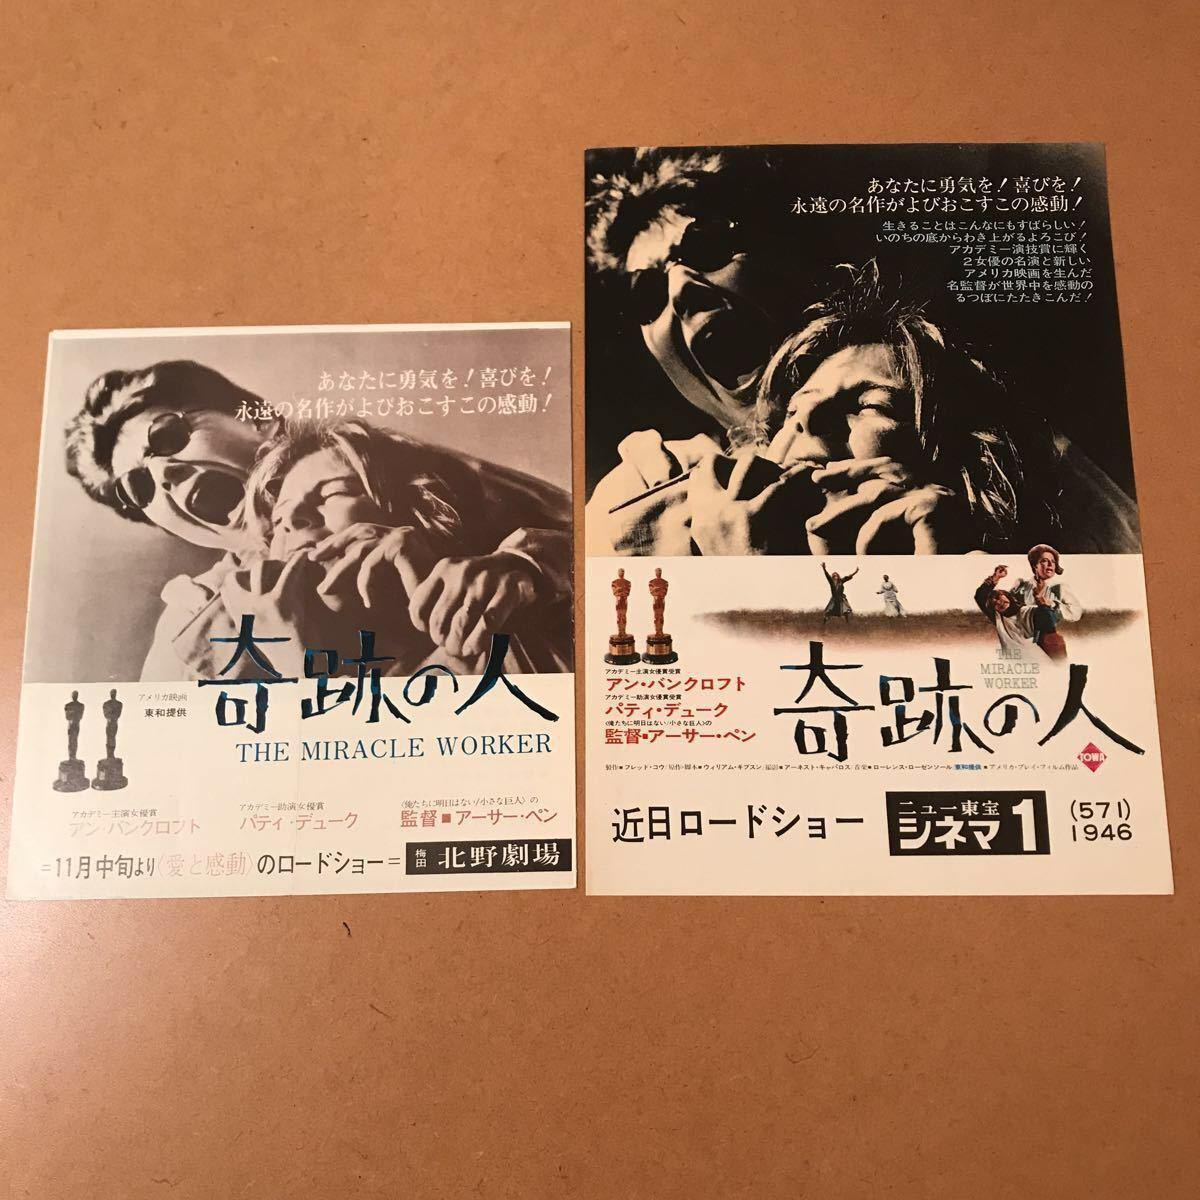 【希少/映画チラシ】『奇跡の人』1963年初公開作品 リバイバル上映時チラシ 通常カラーチラシ&2枚折り四角チラシ 2枚セット